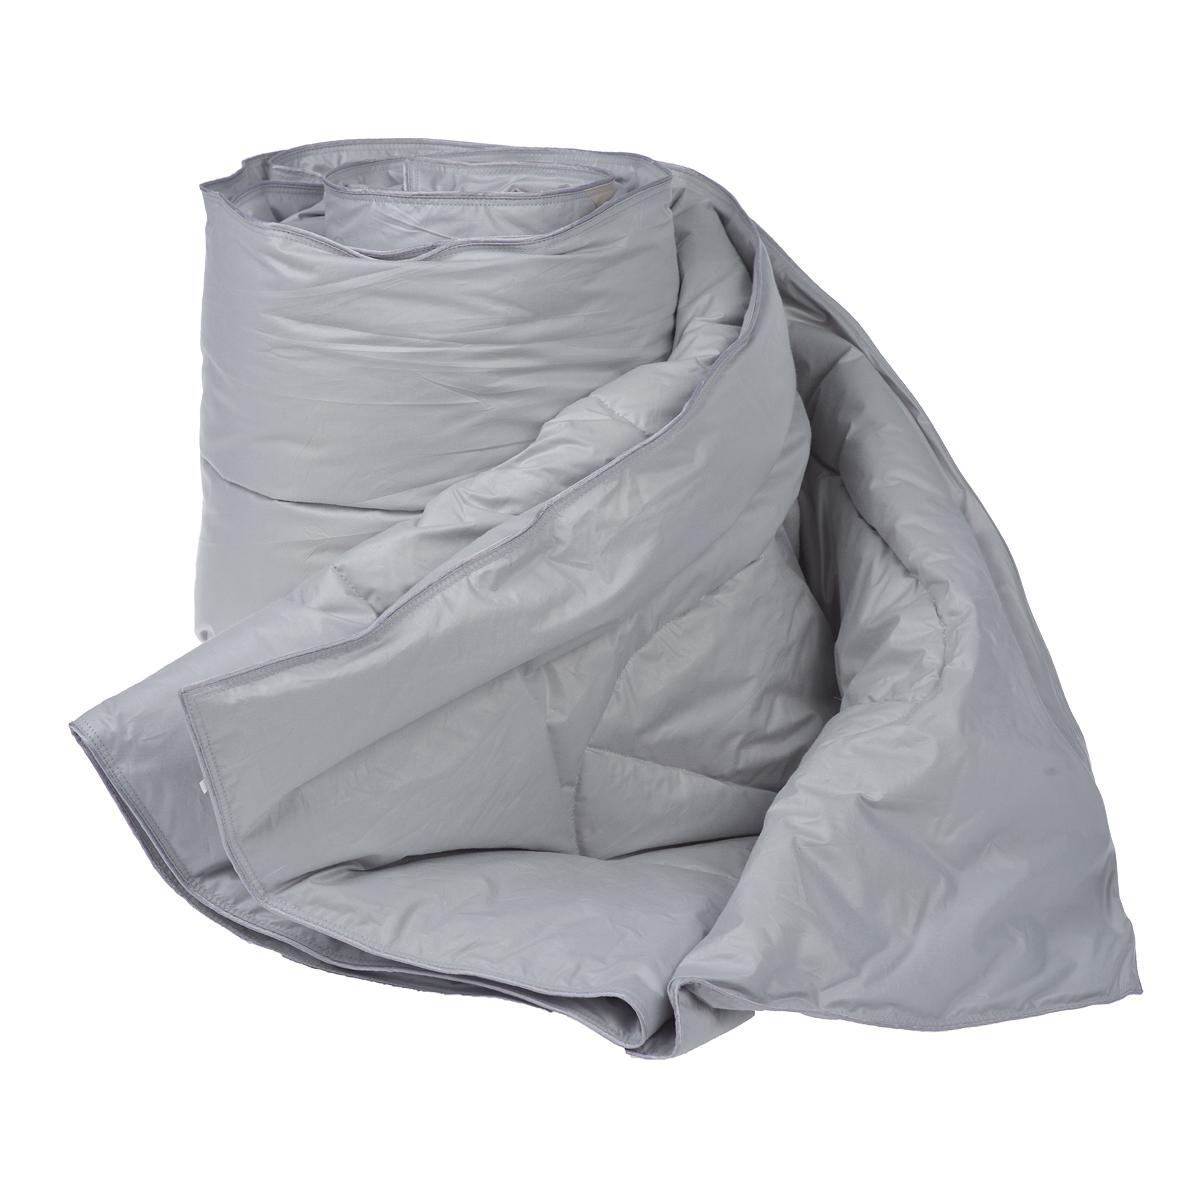 Одеяло Dargez Богемия, наполнитель: гусиный пух категории Экстра, 172 см х 205 см10503Одеяло Dargez Богемия подарит комфорт и уют во время сна. Чехол одеяла выполнен из пуходержащего гладкокрашеного батиста с обработкой ионами серебра.Ткань с ионами серебра благотворно воздействует на кожу, оказывает расслабляющее действие для организма человека, имеет устойчивый антибактериальный эффект. Уникальная запатентованная стежка Bodyline® по форме повторяет тело человека, что помогает эффективно регулировать теплообмен различных частей организма и создать оптимальный микроклимат во время сна.Натуральное сырье, инновационные разработки и современные технологии - вот рецепт вашего крепкого сна. Изделия коллекции способны стать прекрасным подарком для людей, ценящих красоту и комфорт. Рекомендации по уходу: - Стирка при температуре не более 40°С. - Запрещается отбеливать, гладить, выжимать и сушить в стиральной машине.Материал чехла: батист пуходержащий (100% хлопок). Материал наполнителя: гусиный пух категории Экстра. Размер: 172 см х 205 см.